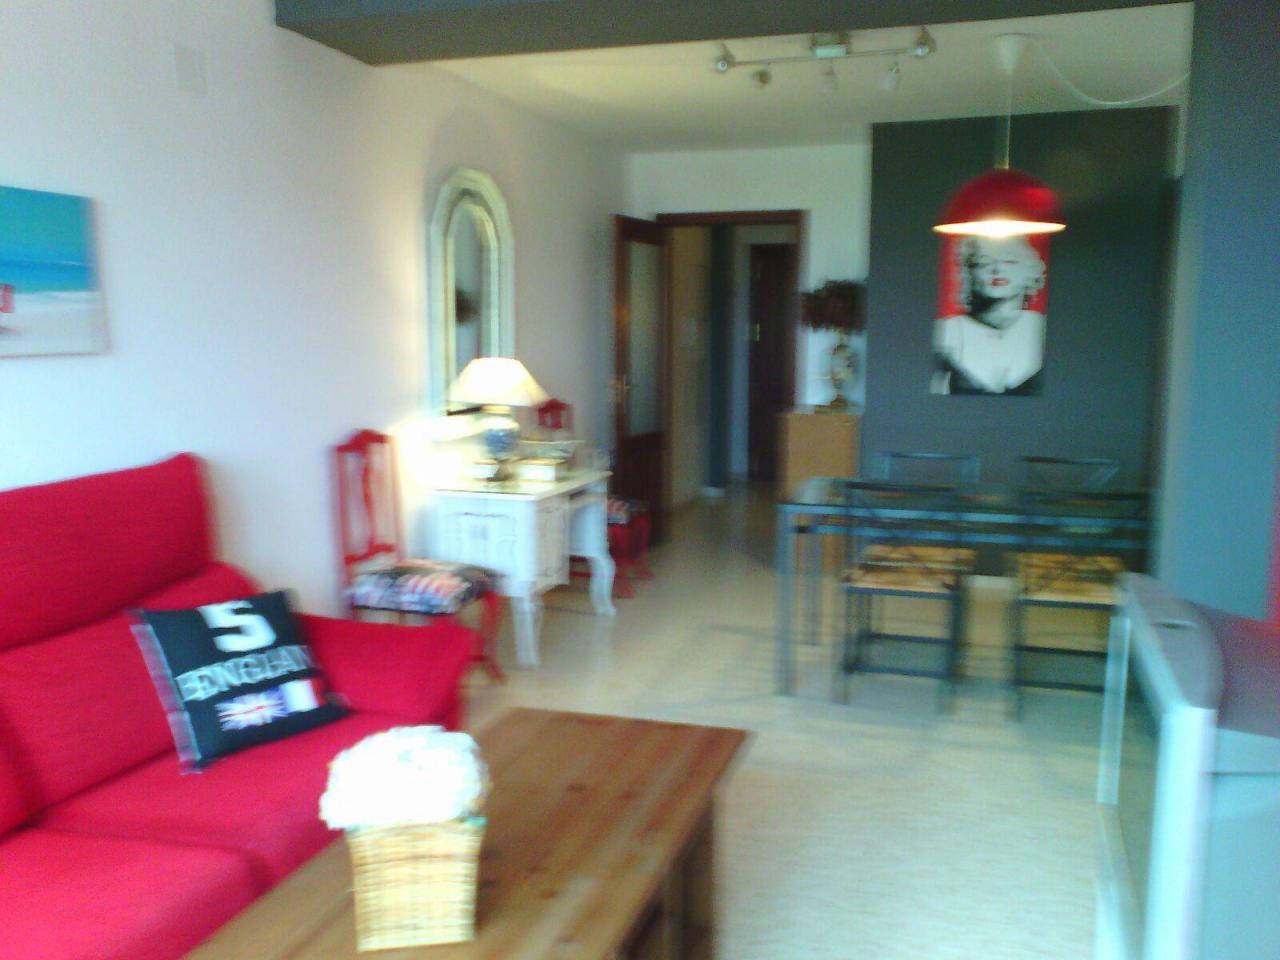 Apartamento vacacional Mérida, Badajoz